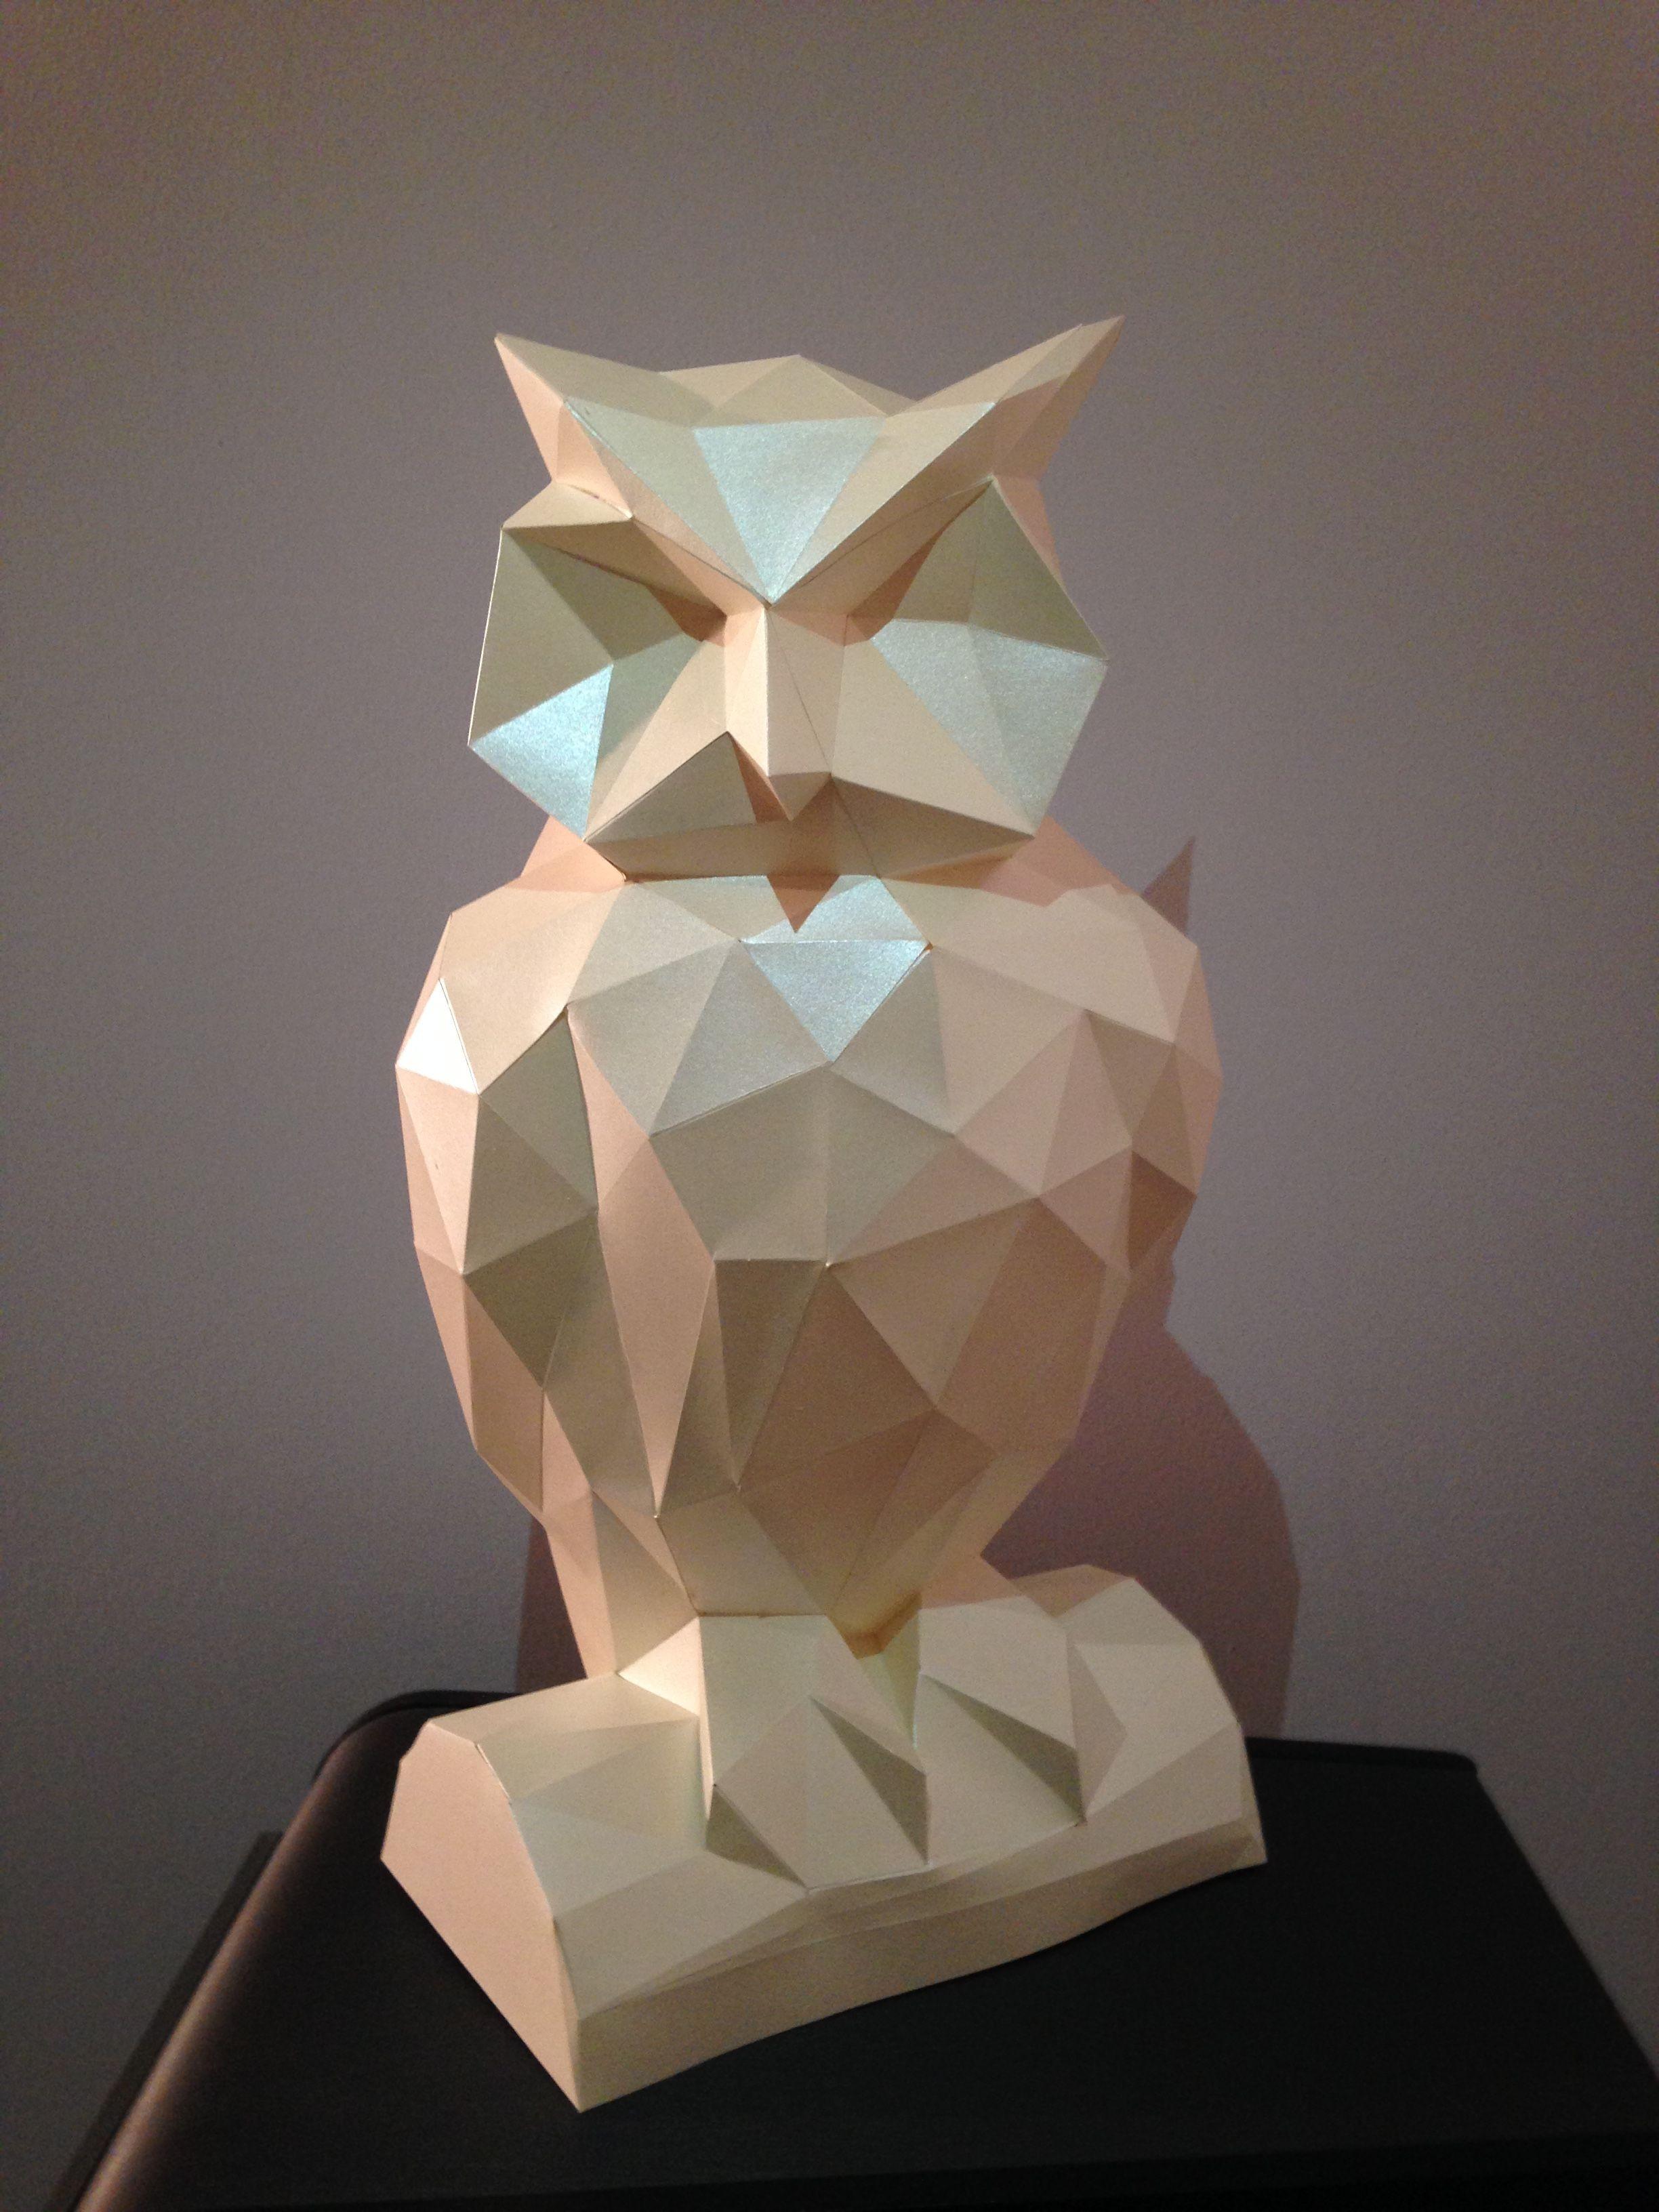 Owl Papercraft Lespapiersenchantes Owl origami Papercraft